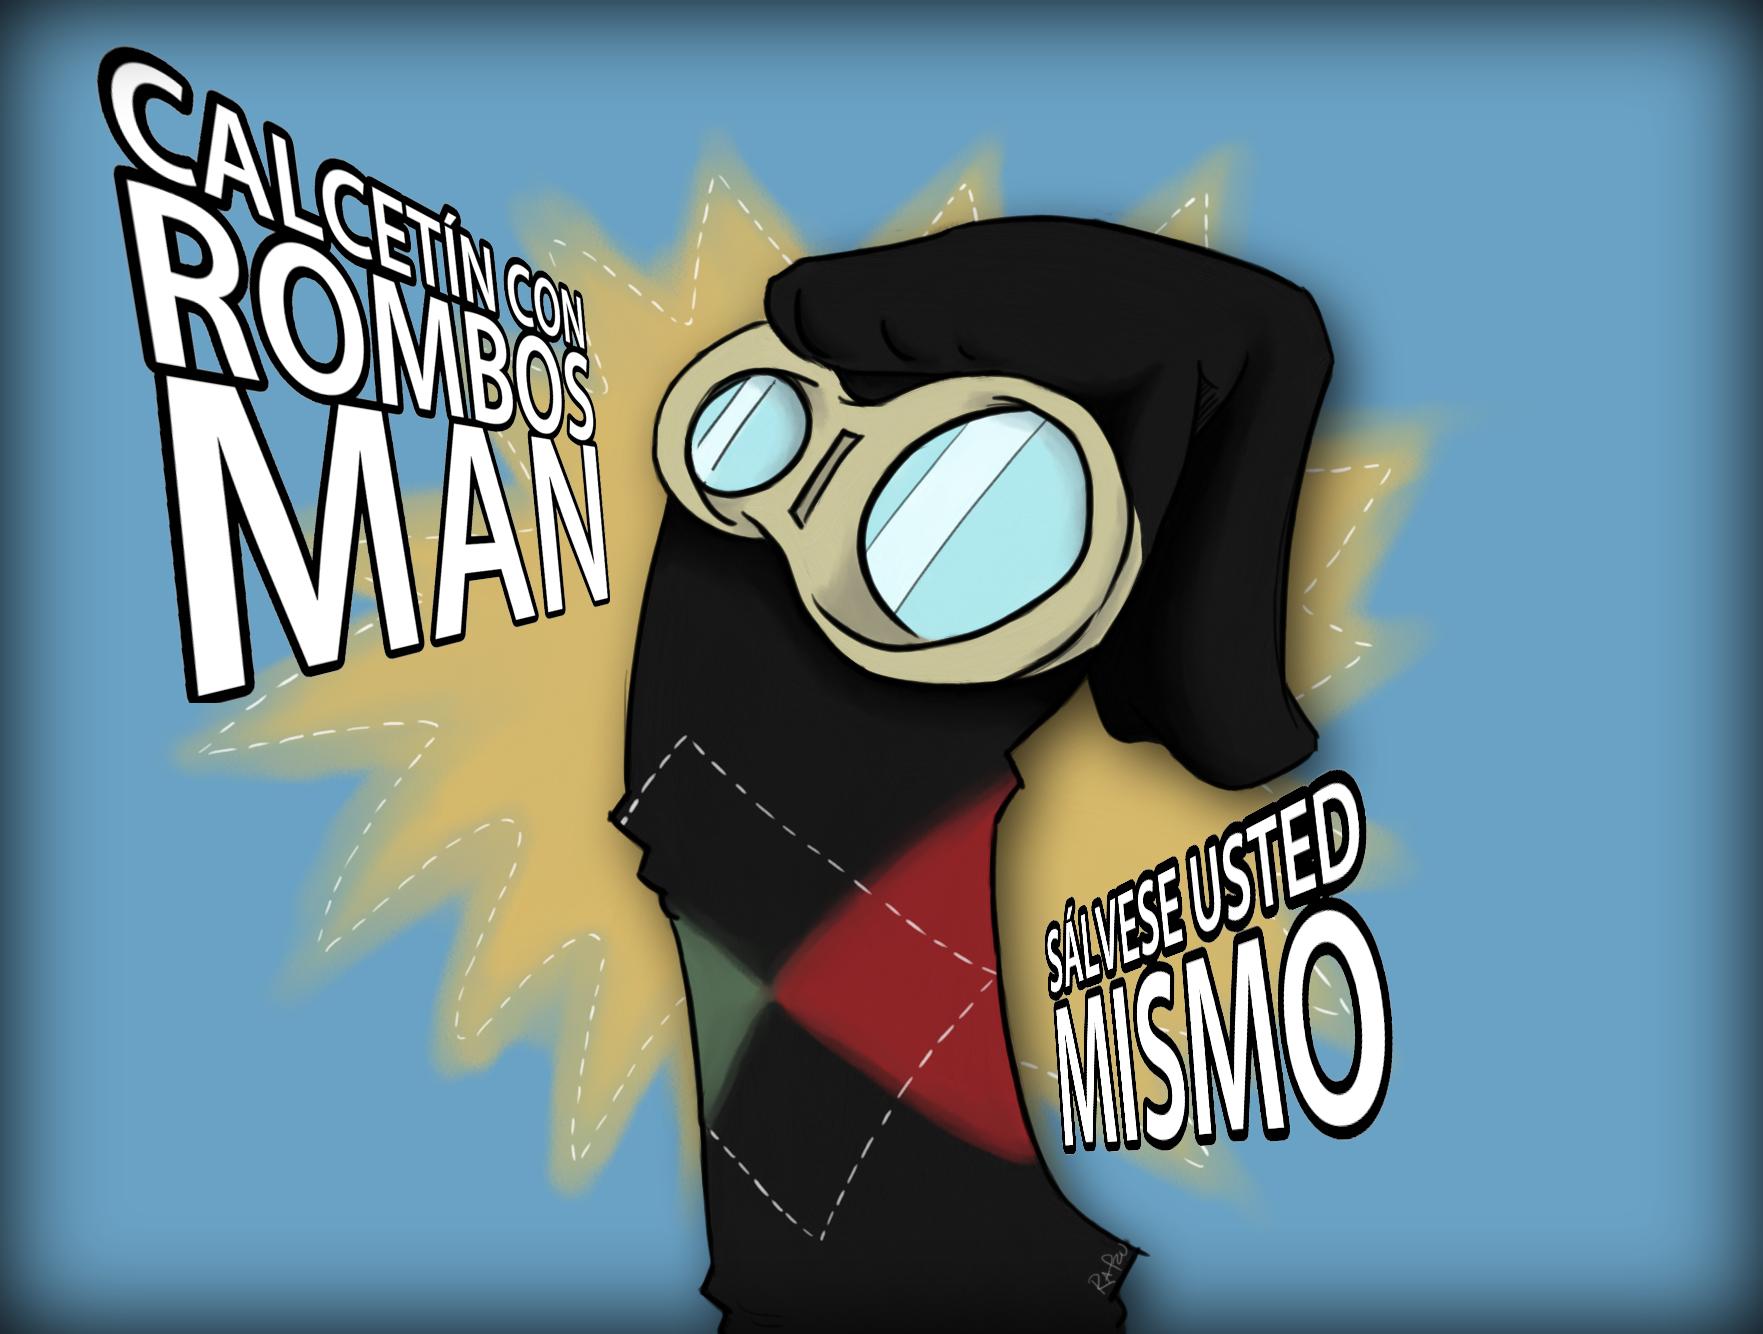 Calcetin con Rombos Man